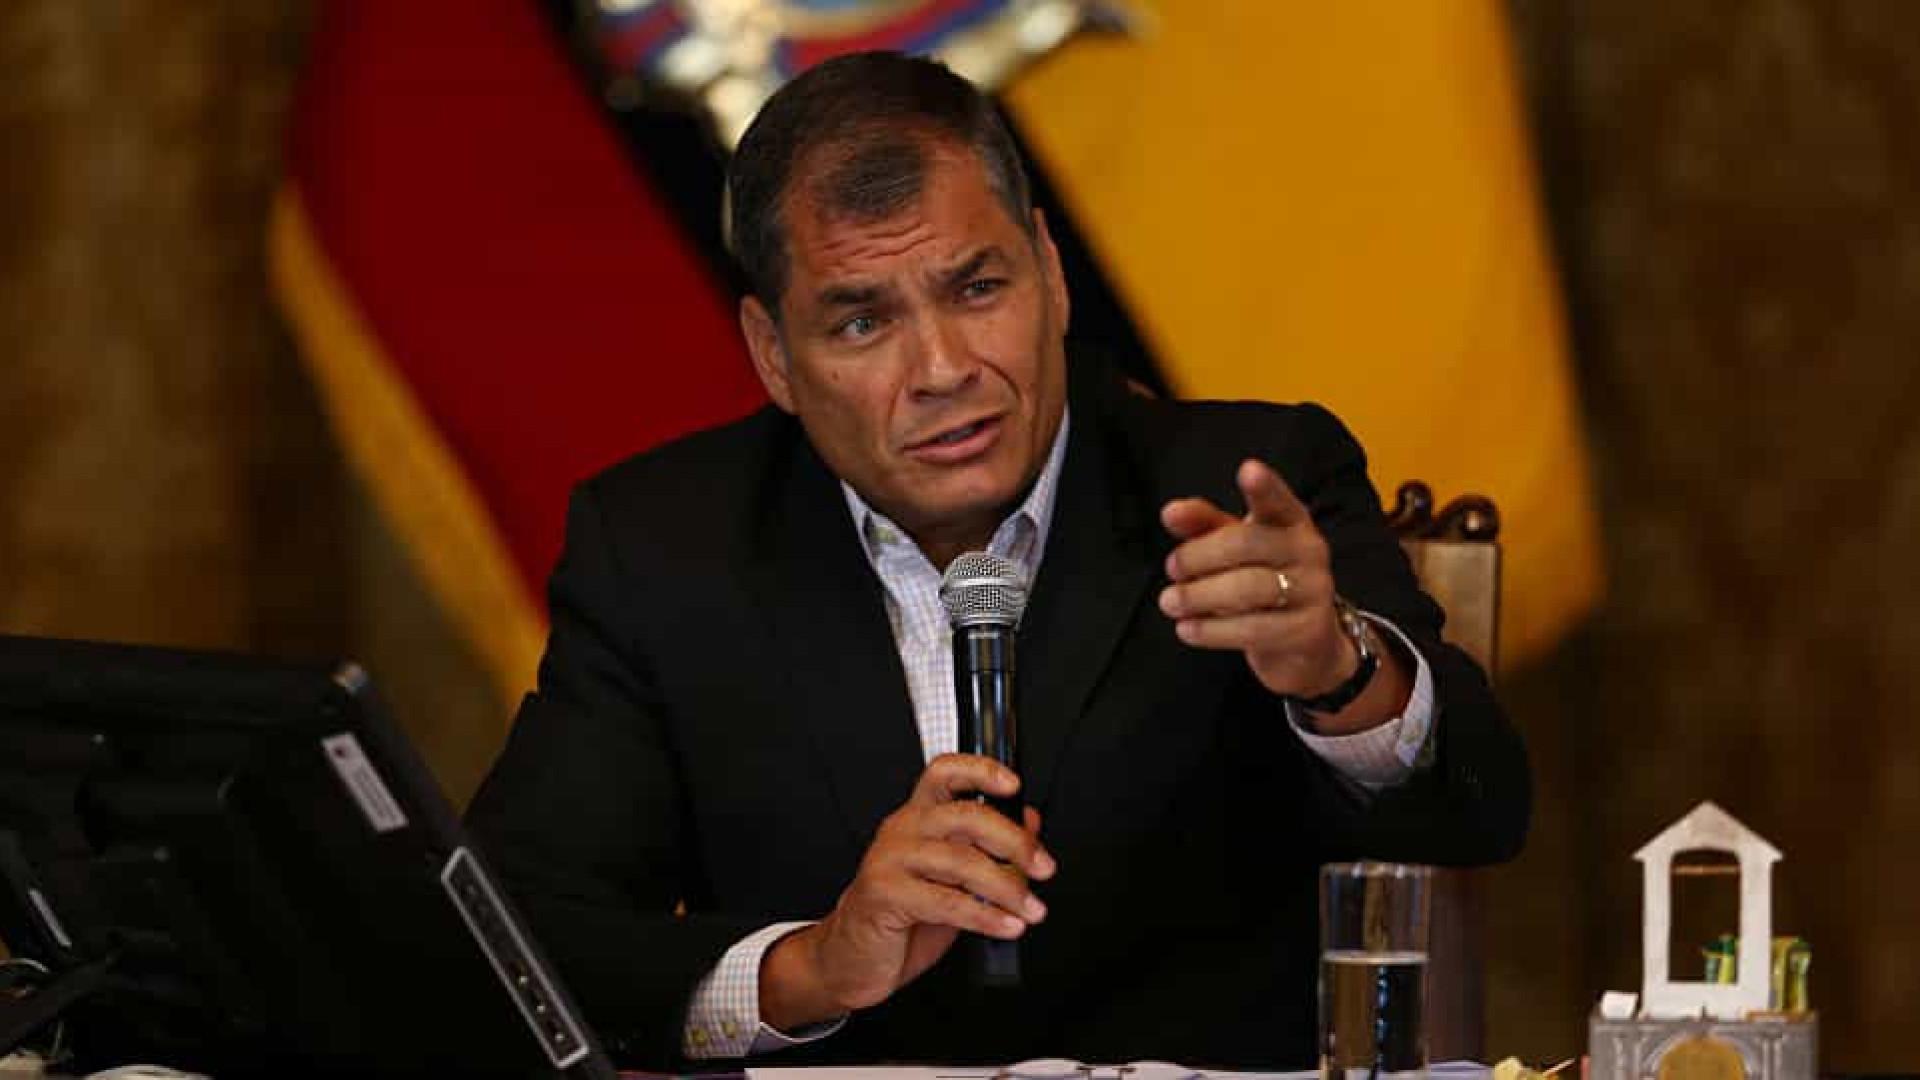 Tibunal do Equador determina prisão preventiva de ex-presidente